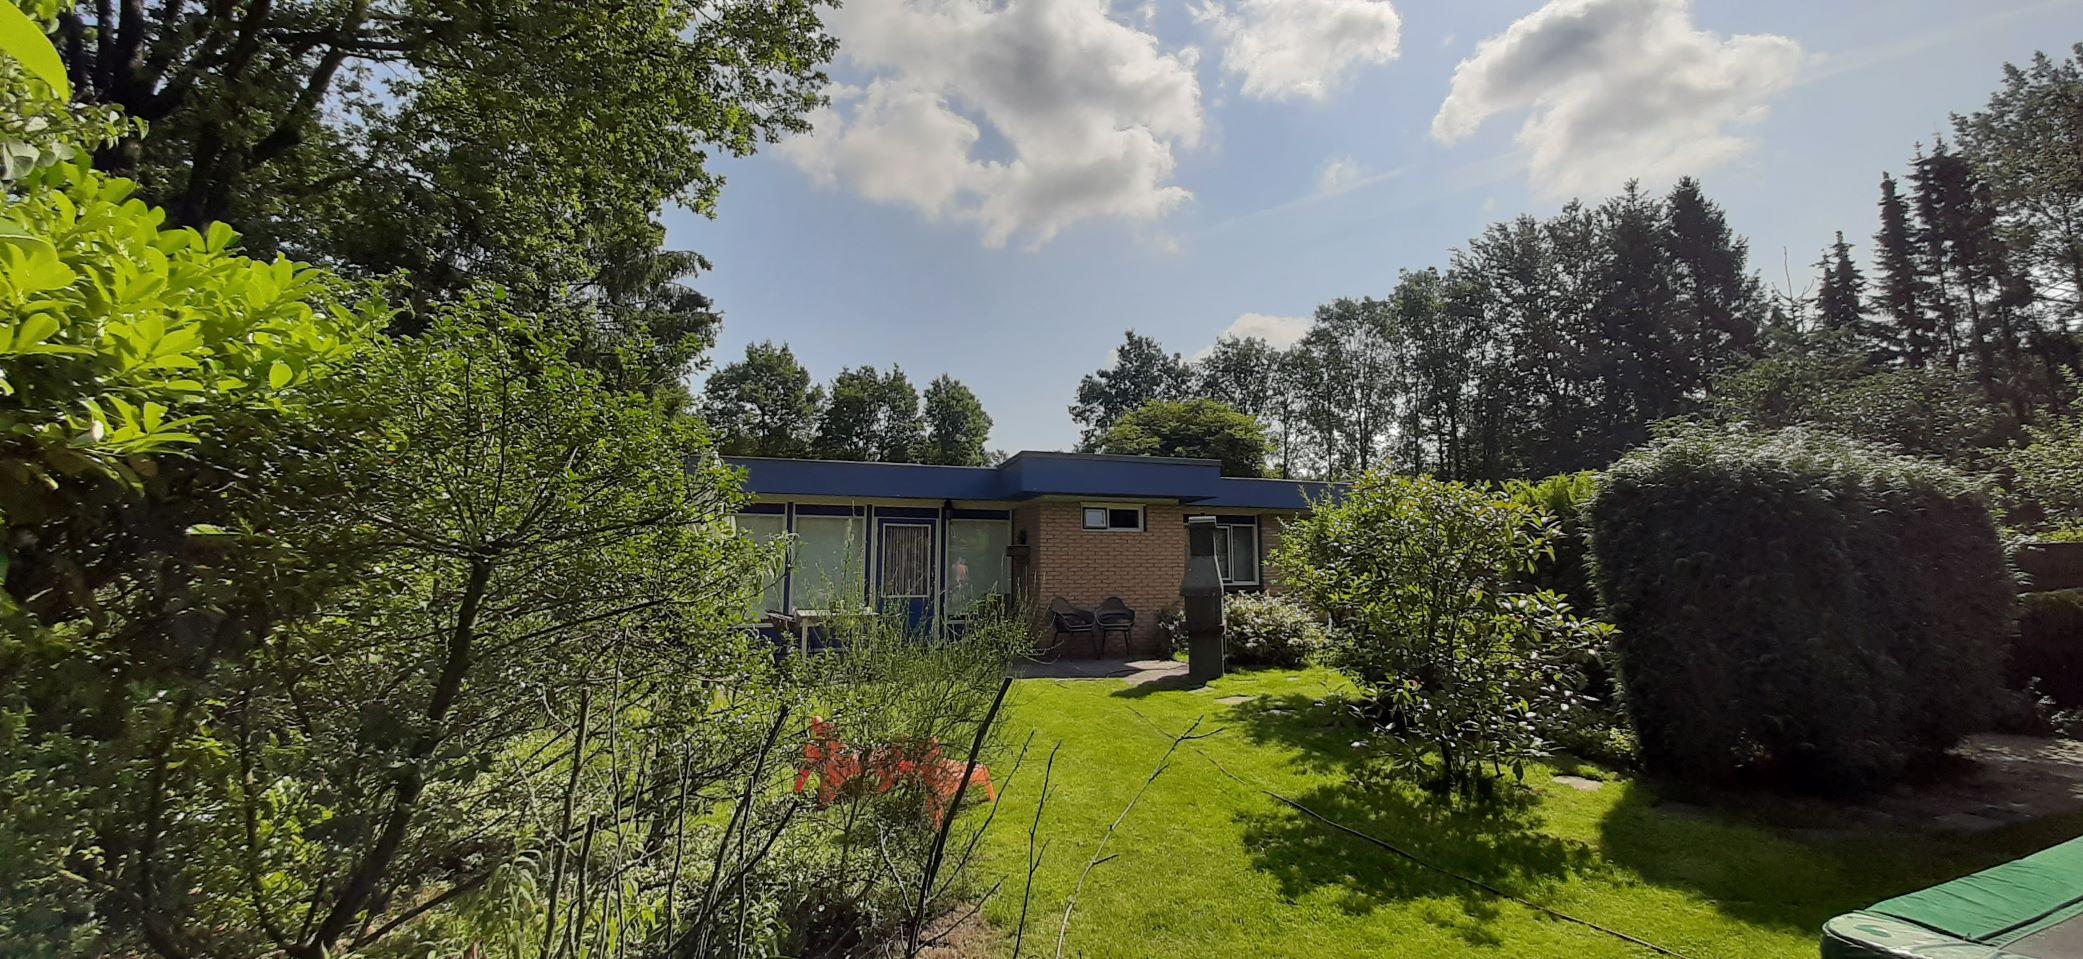 blauwe-boshuis-tuin-naar-huis-toe